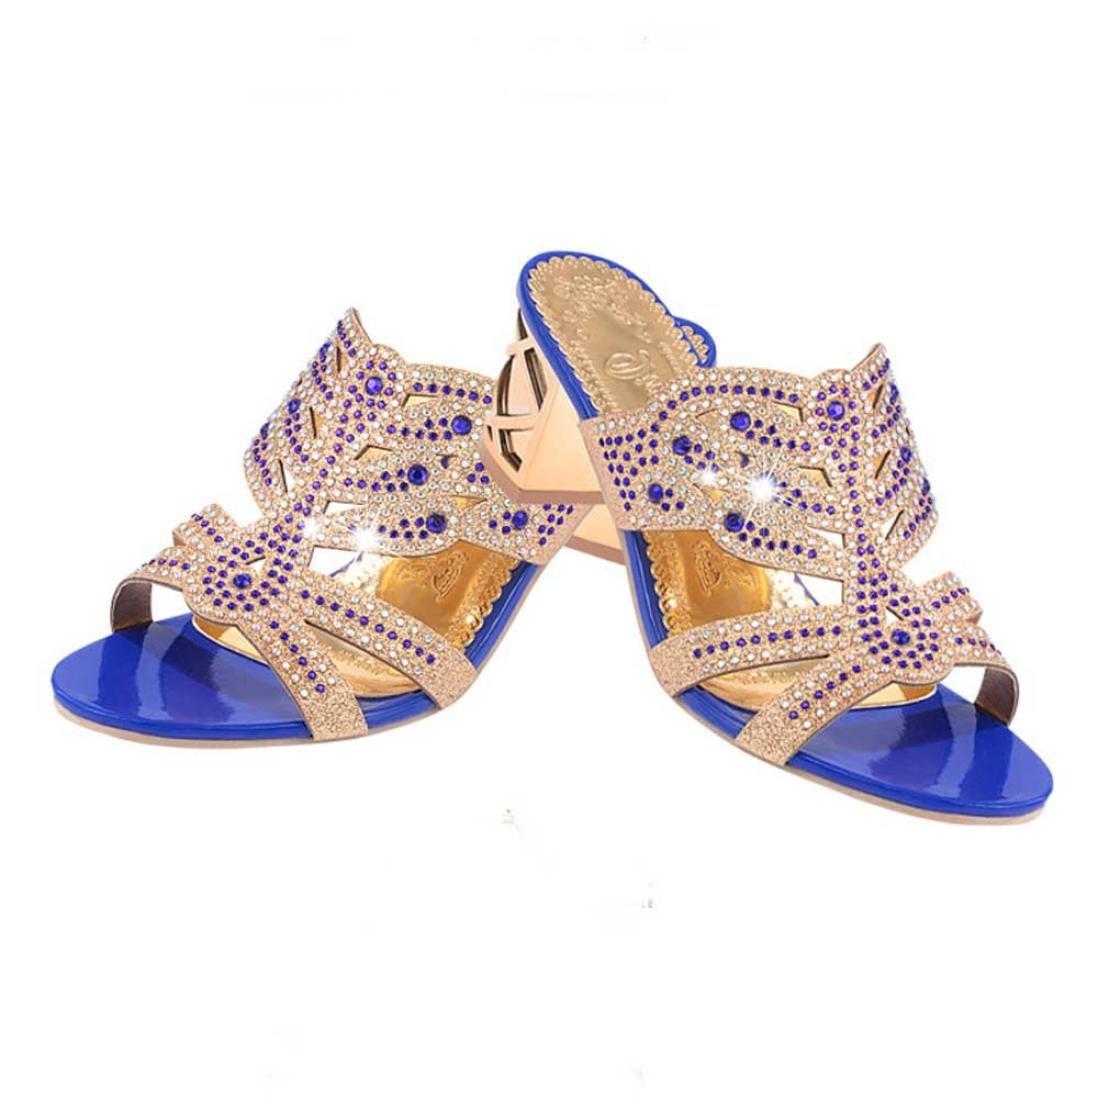 2a407a8e95e9 Lolittas Glitter Diamante Sandals for Women Ladies